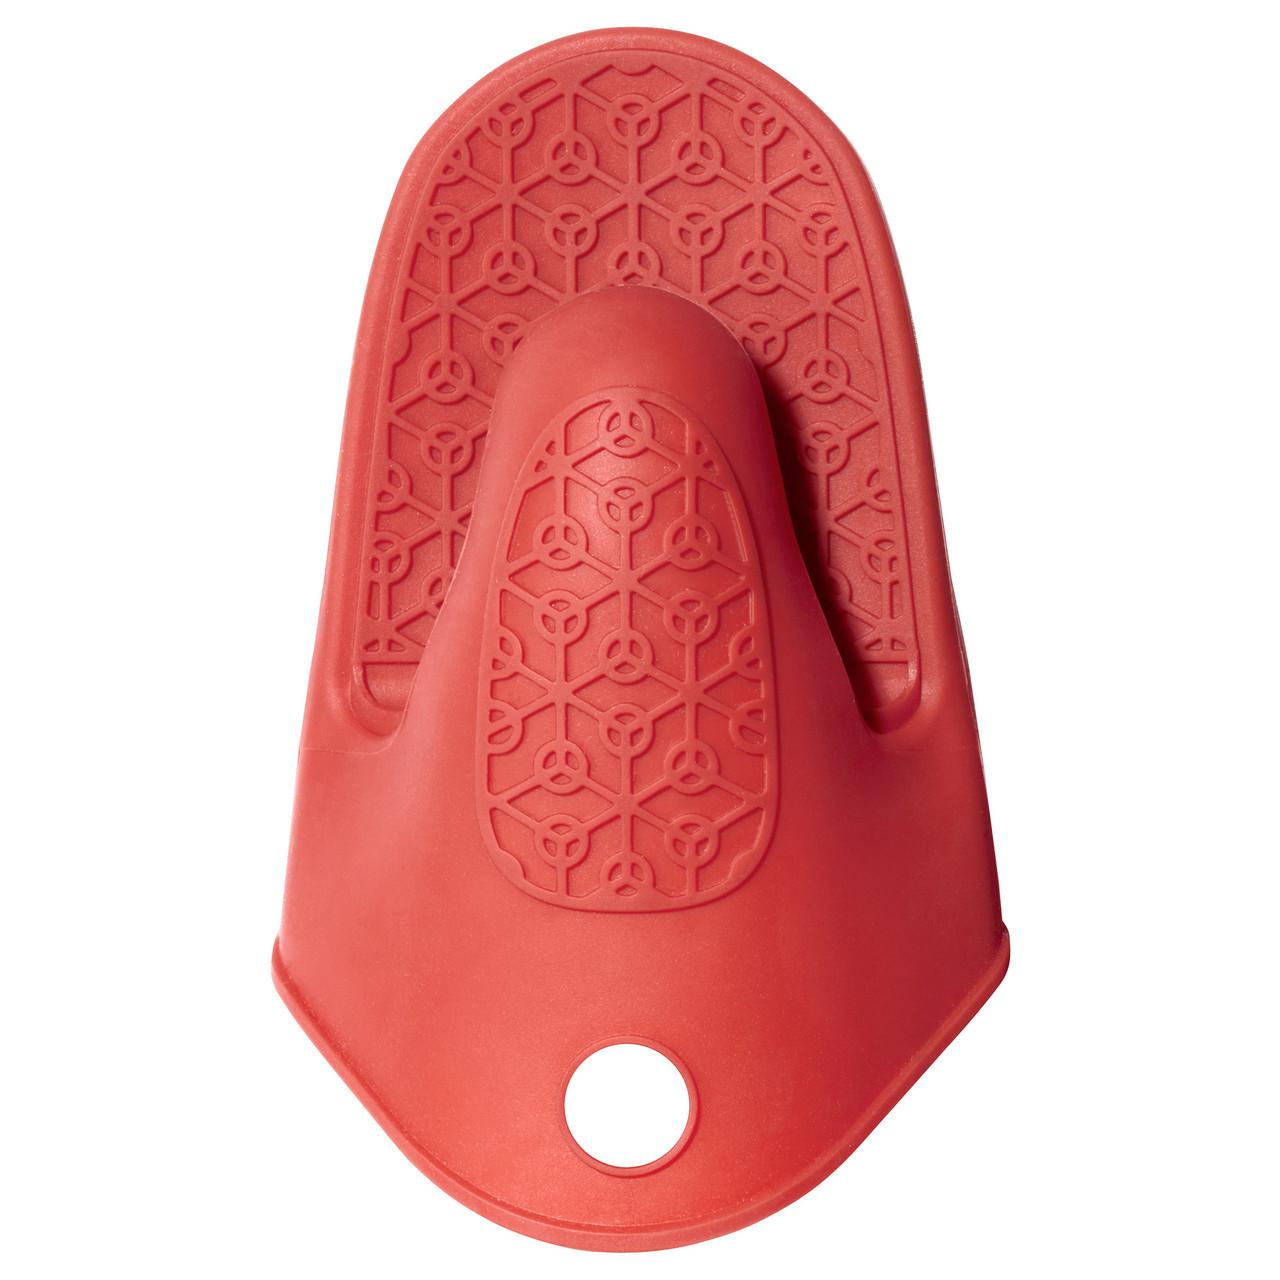 СТИН Варежка-прихватка, красный, 20 см, 40186633,  ИКЕА, IKEA, STINN